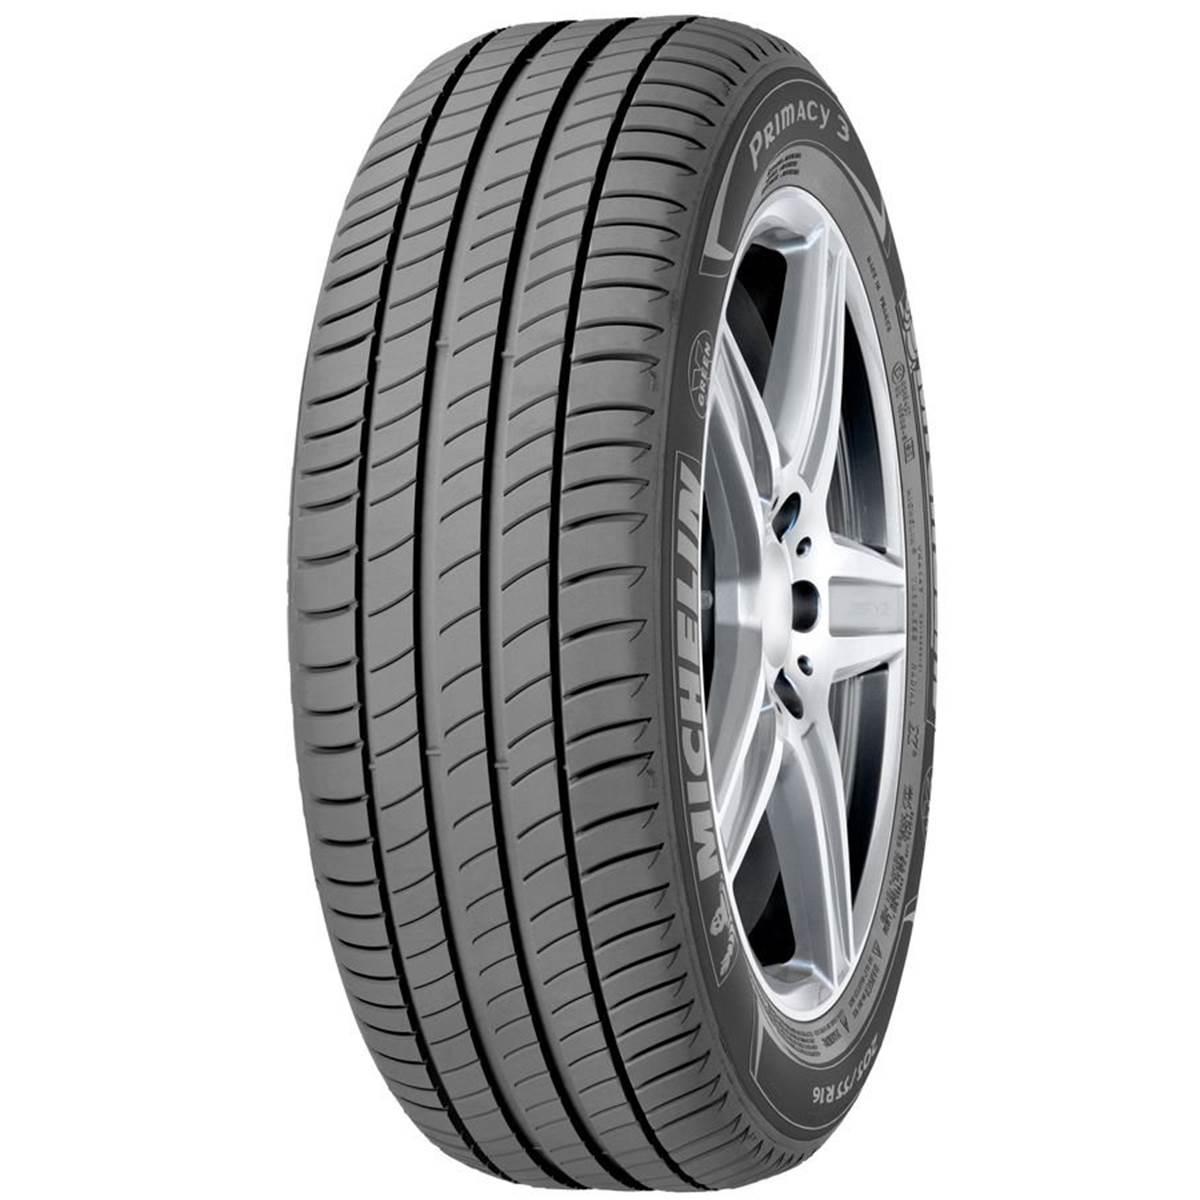 Pneu Michelin 205/50R17 93V Primacy 3 XL